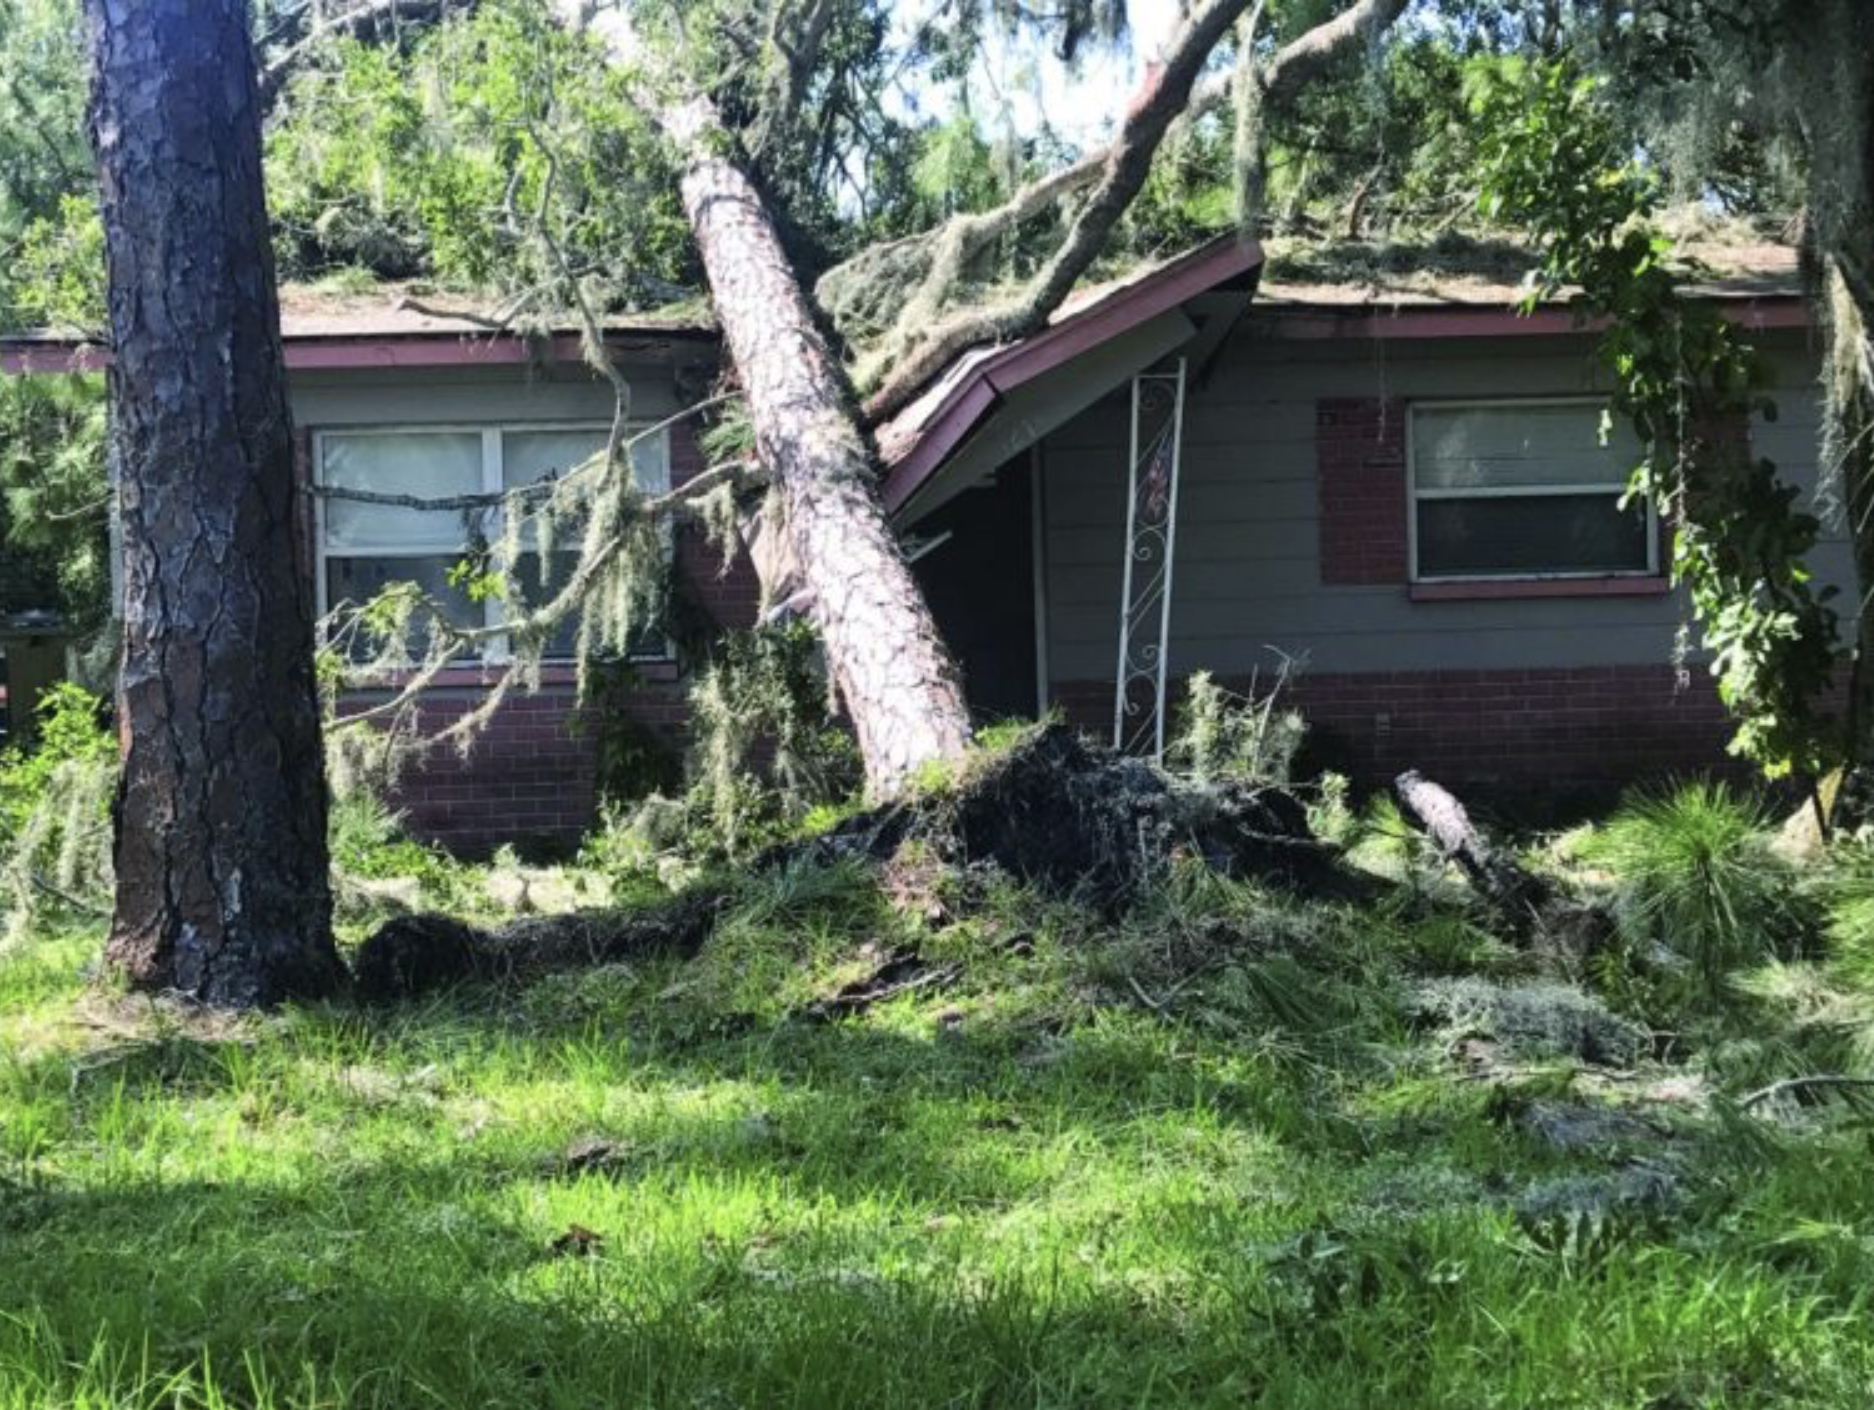 A photo of a tree crashing into a porch.